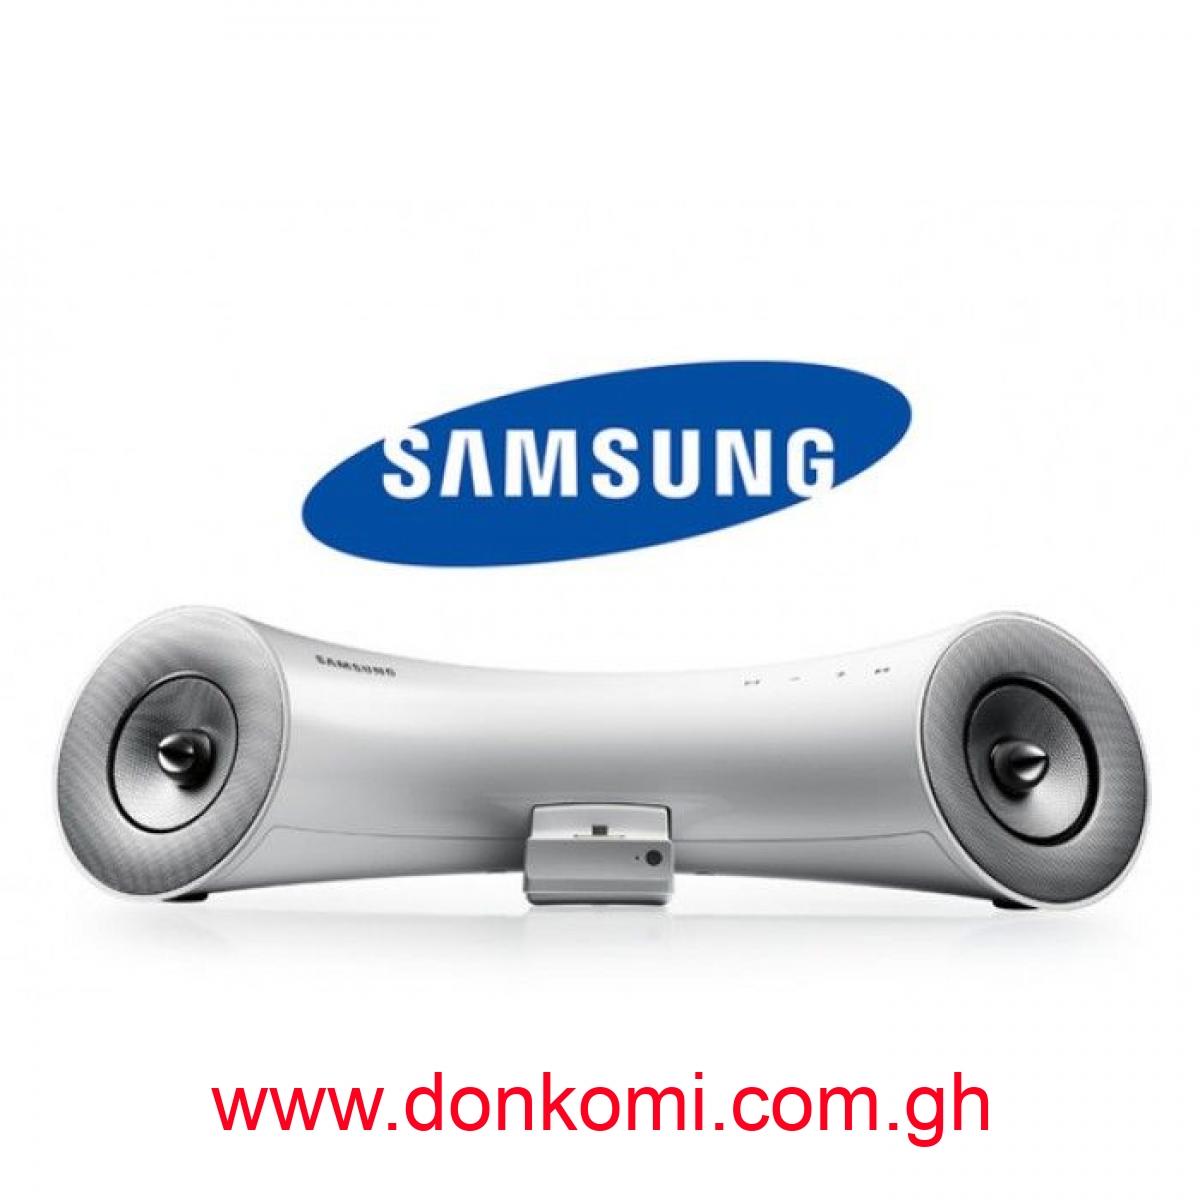 Samsung 2.0 Channel Wireless Audio Dock, DA-E550